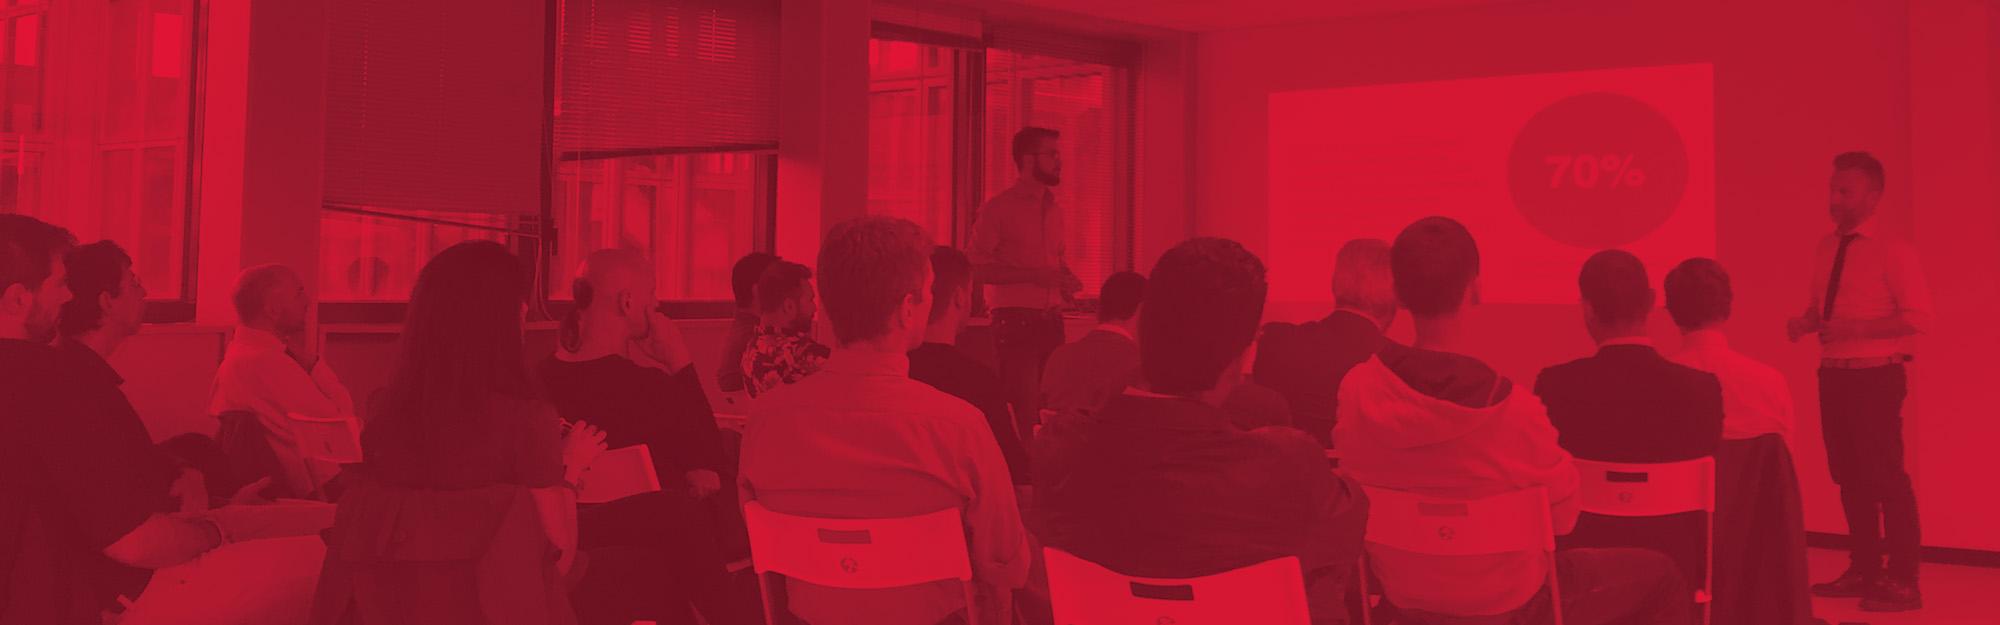 Come cambiano gli eventi: integrazione, community e app evento